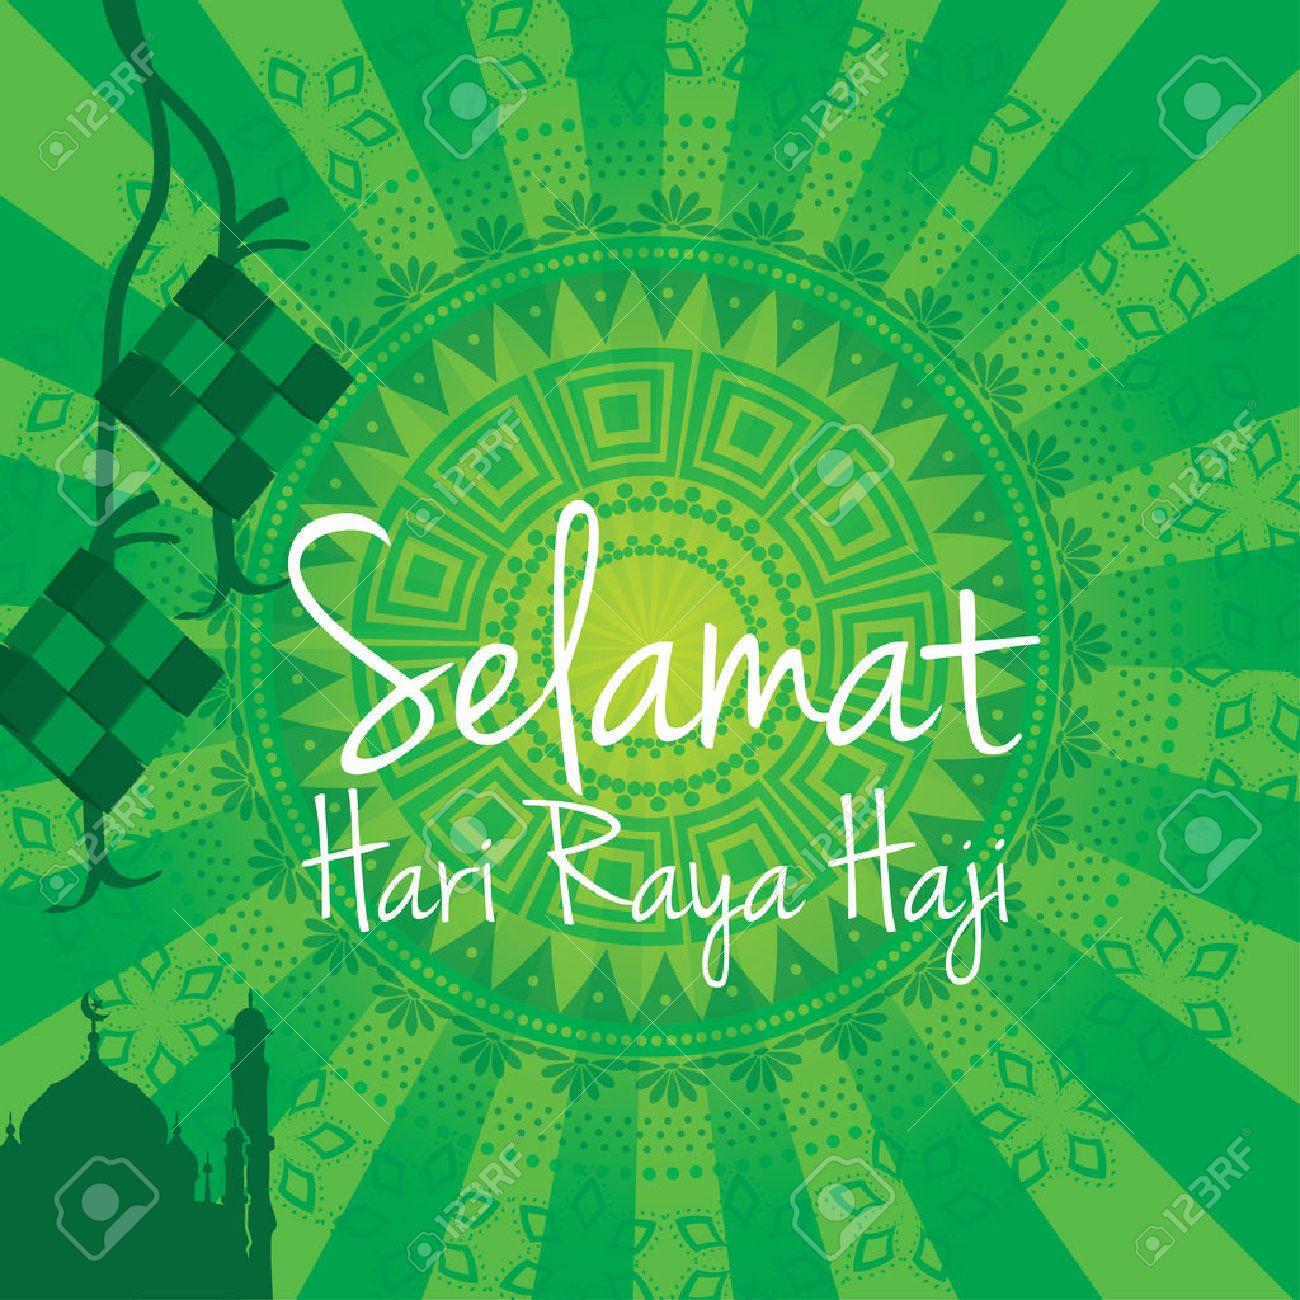 Selamat hari raya haji greeting card - 53498664